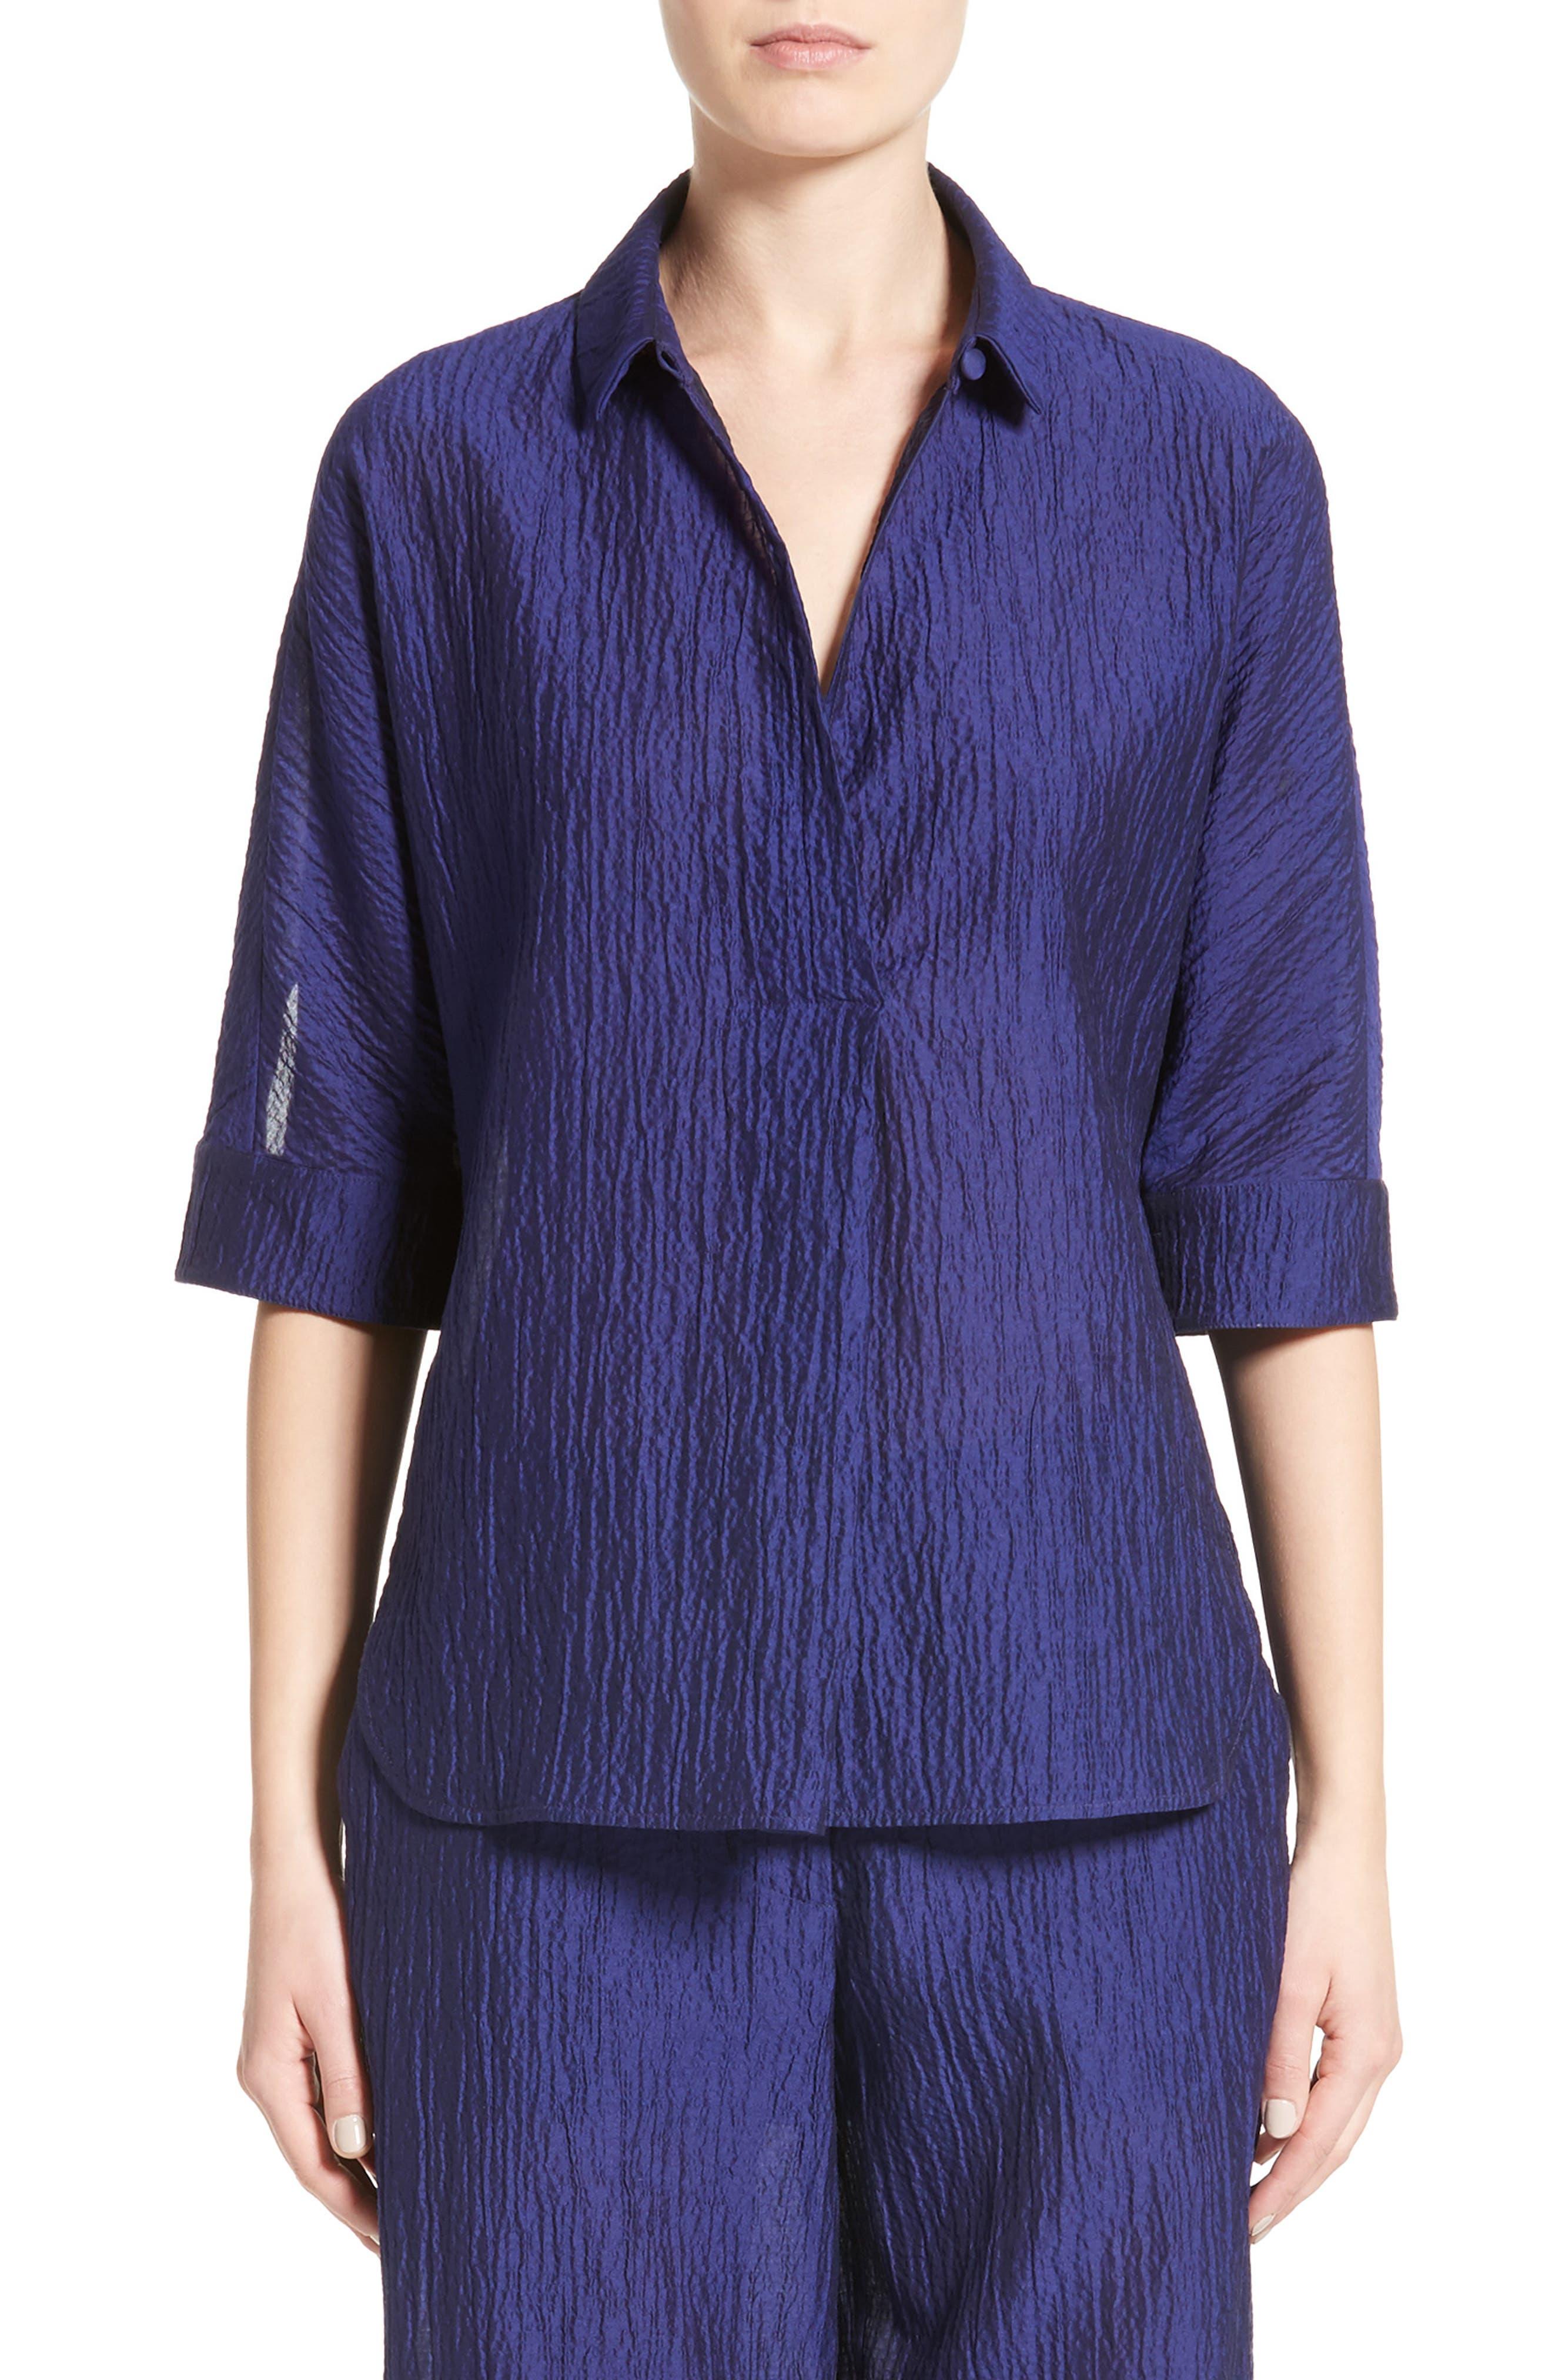 Armani Collezioni Crinkle Cotton & Silk Blend Tunic